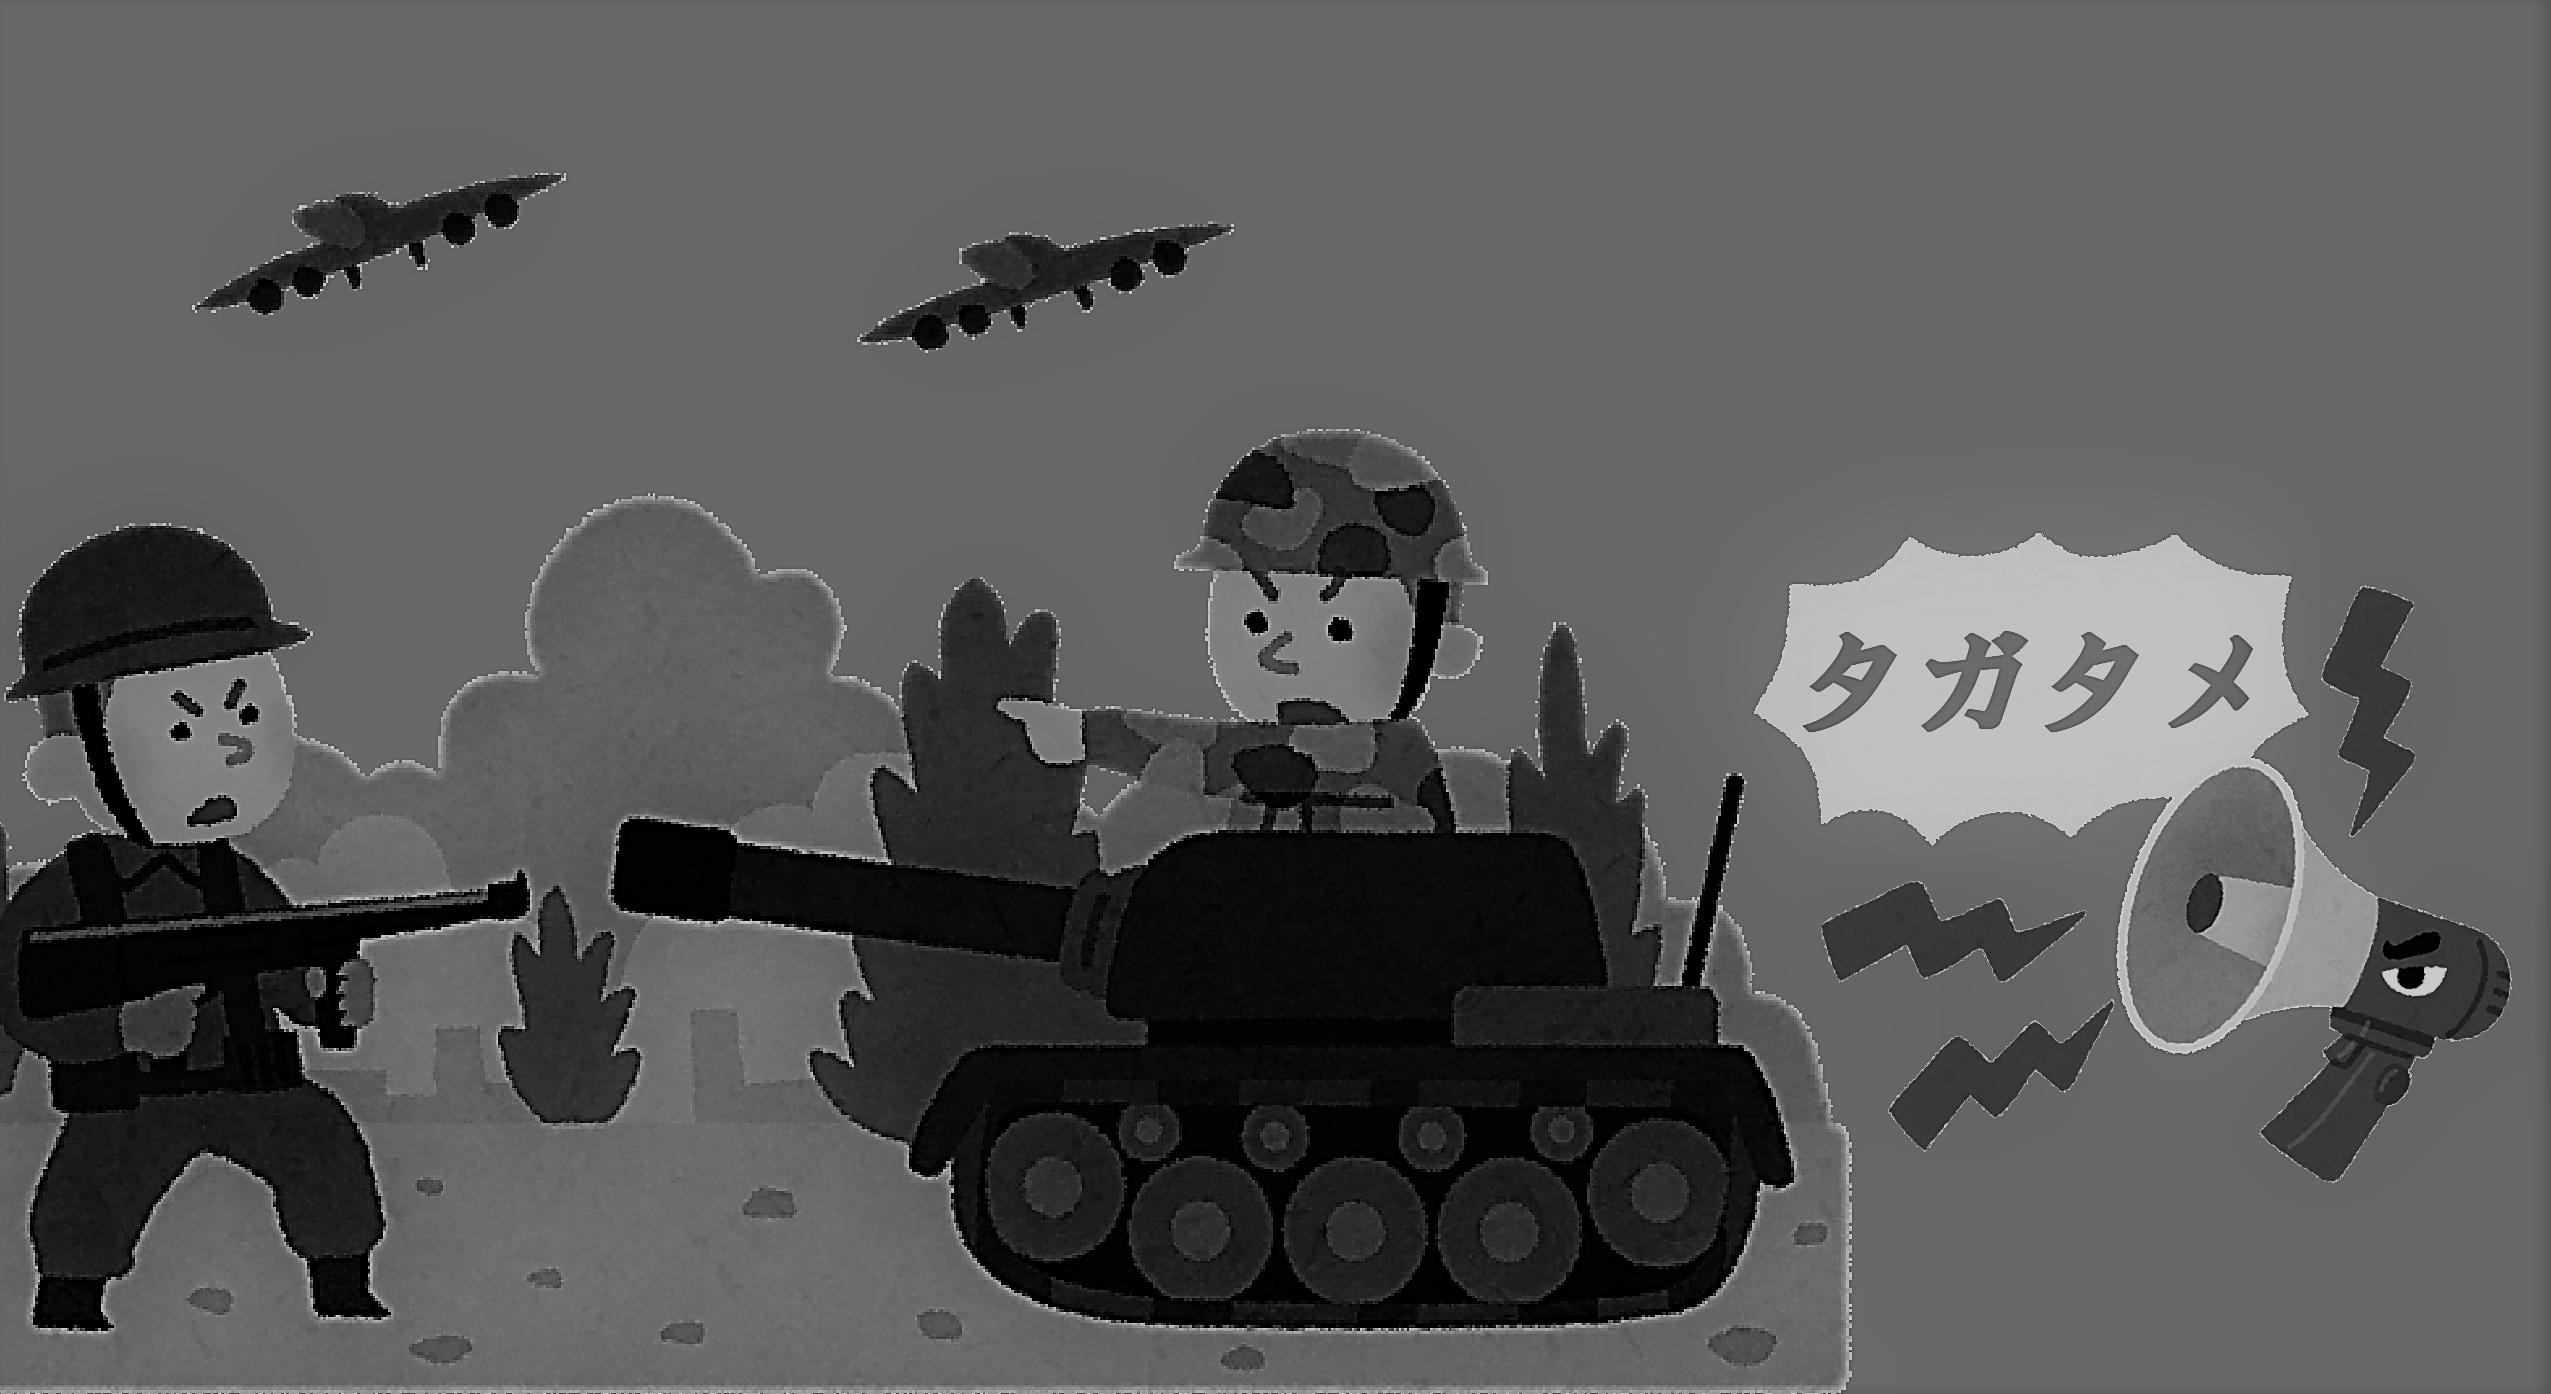 「タガタメ」のイメージ